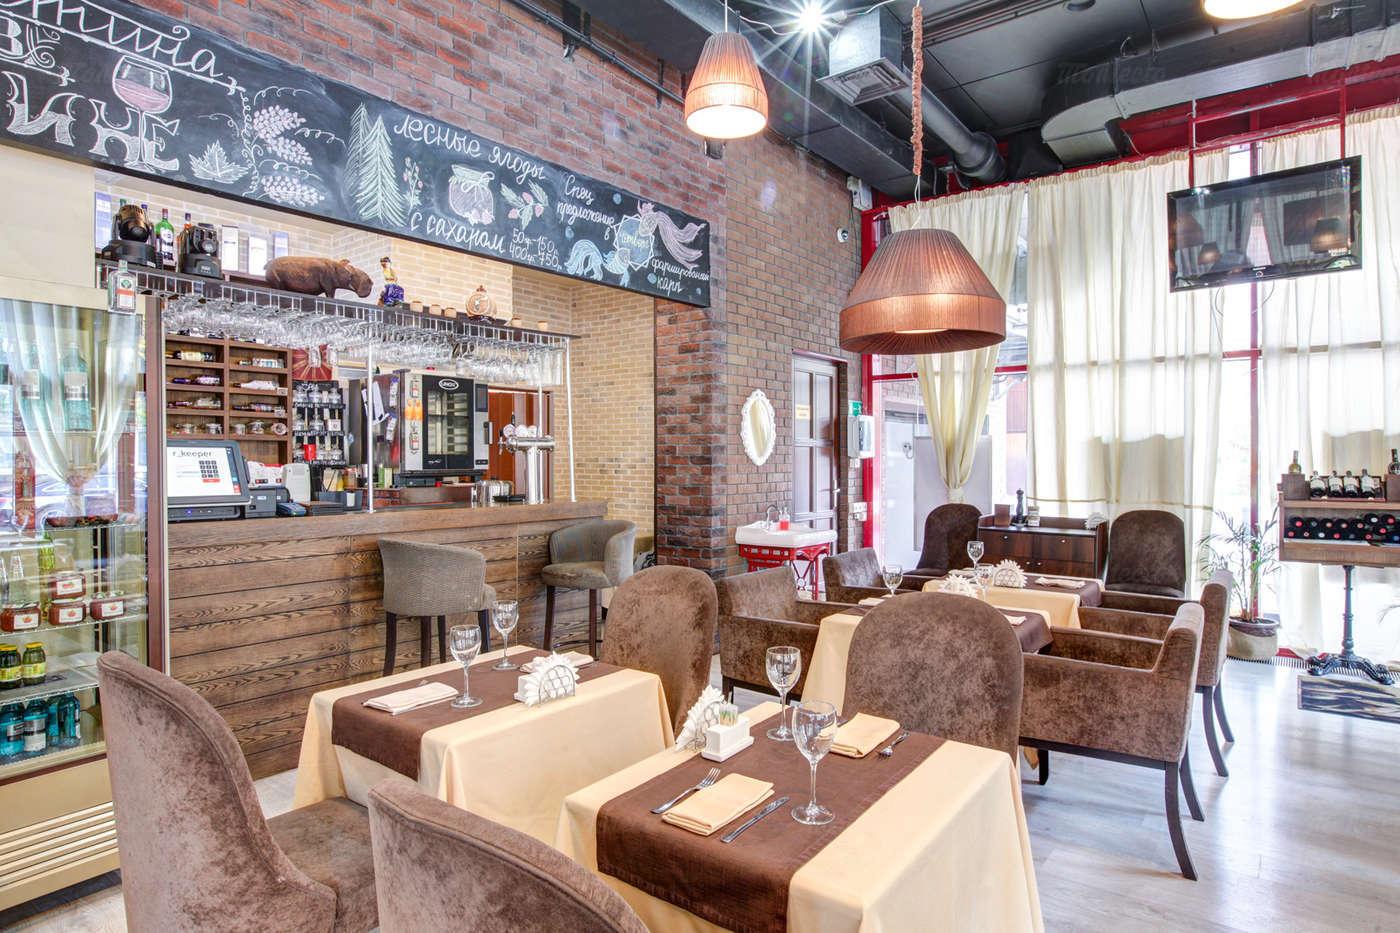 Кафе ОЧАГ (ОЧАG) на Ефимова фото 8